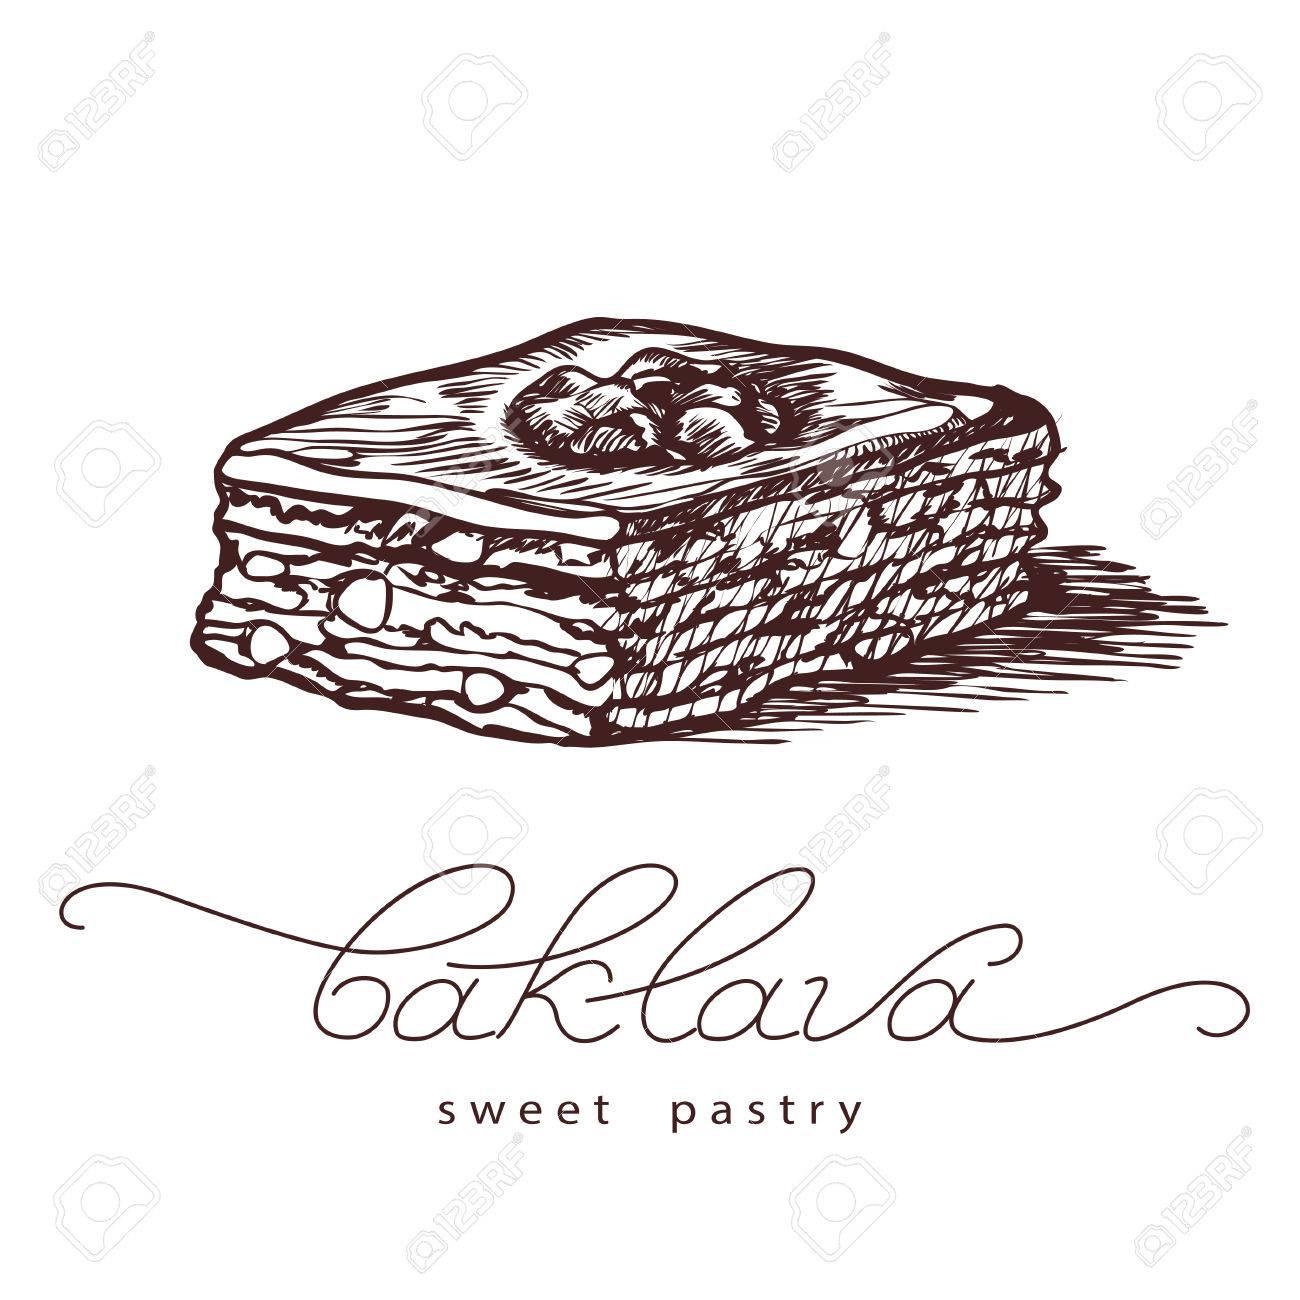 バクラヴァはトルコのバクラヴァのベクトル イラストの甘いお菓子です